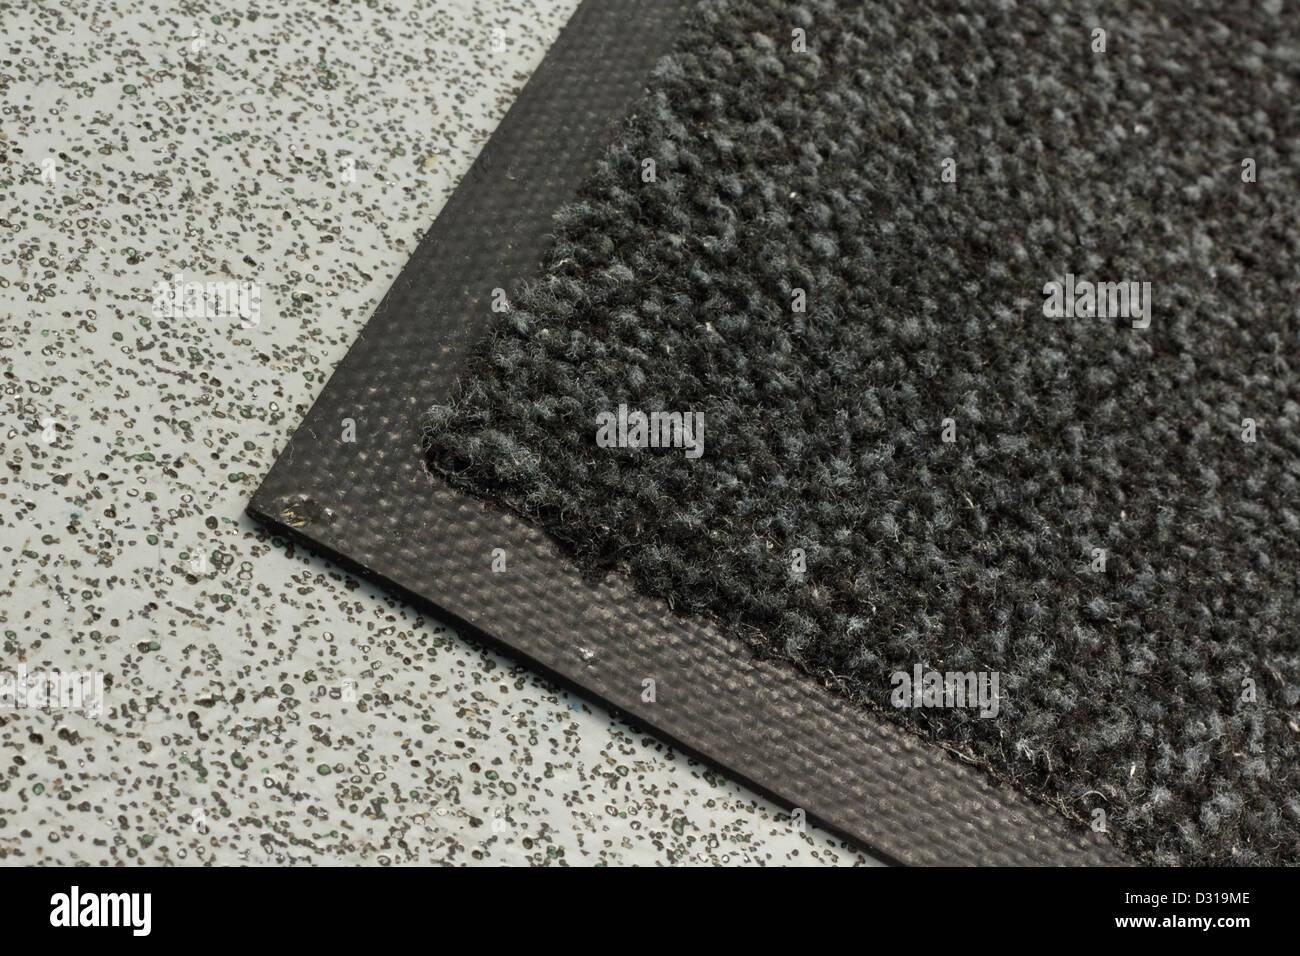 Industriestaub Mat in Büros und Lagerhallen oder gewerbliche Gebäude verwendet Stockbild